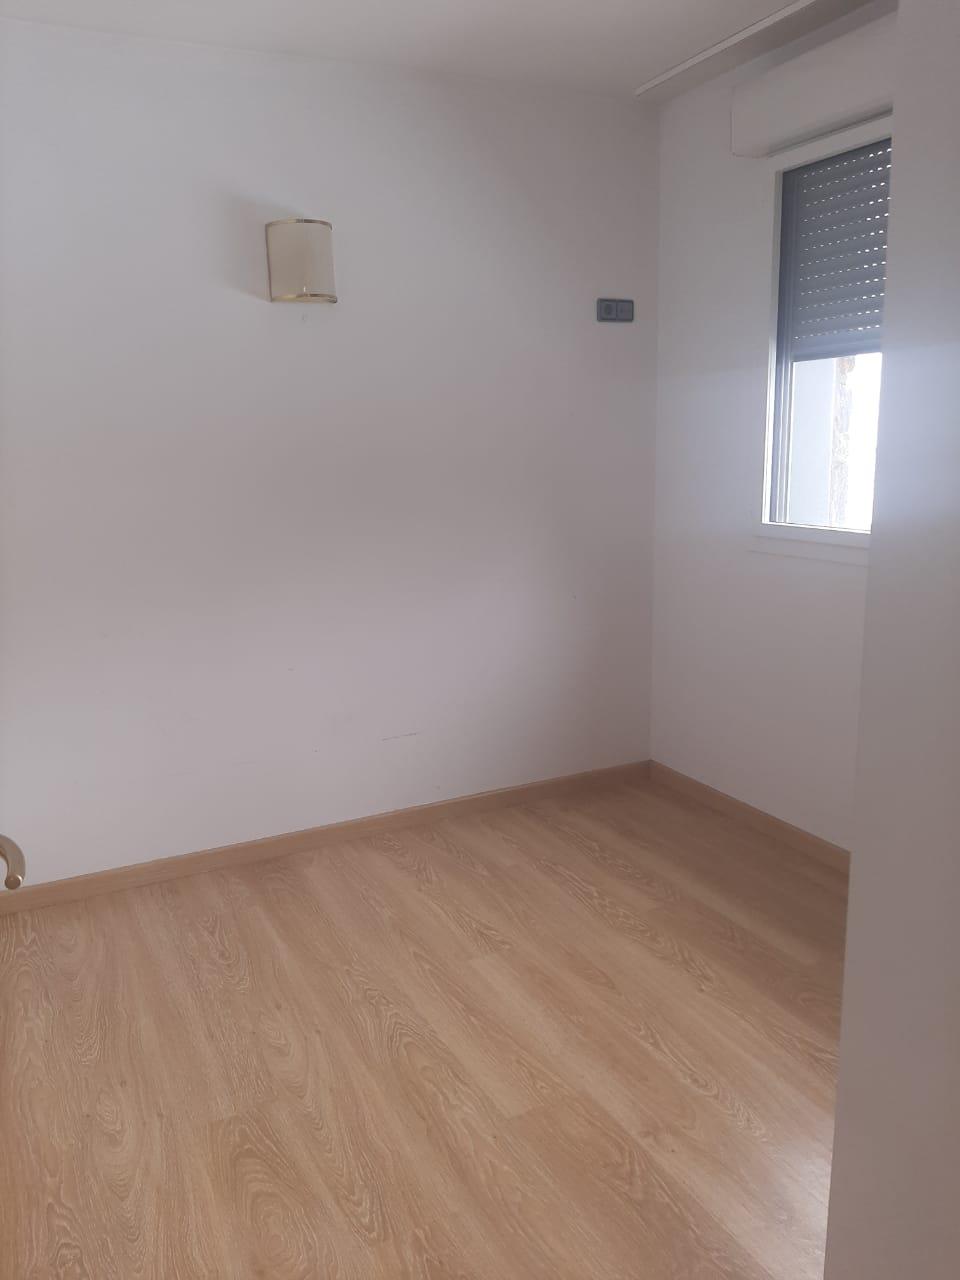 Pis en venda a El Pas de la Casa, 1 habitació, 40 metres